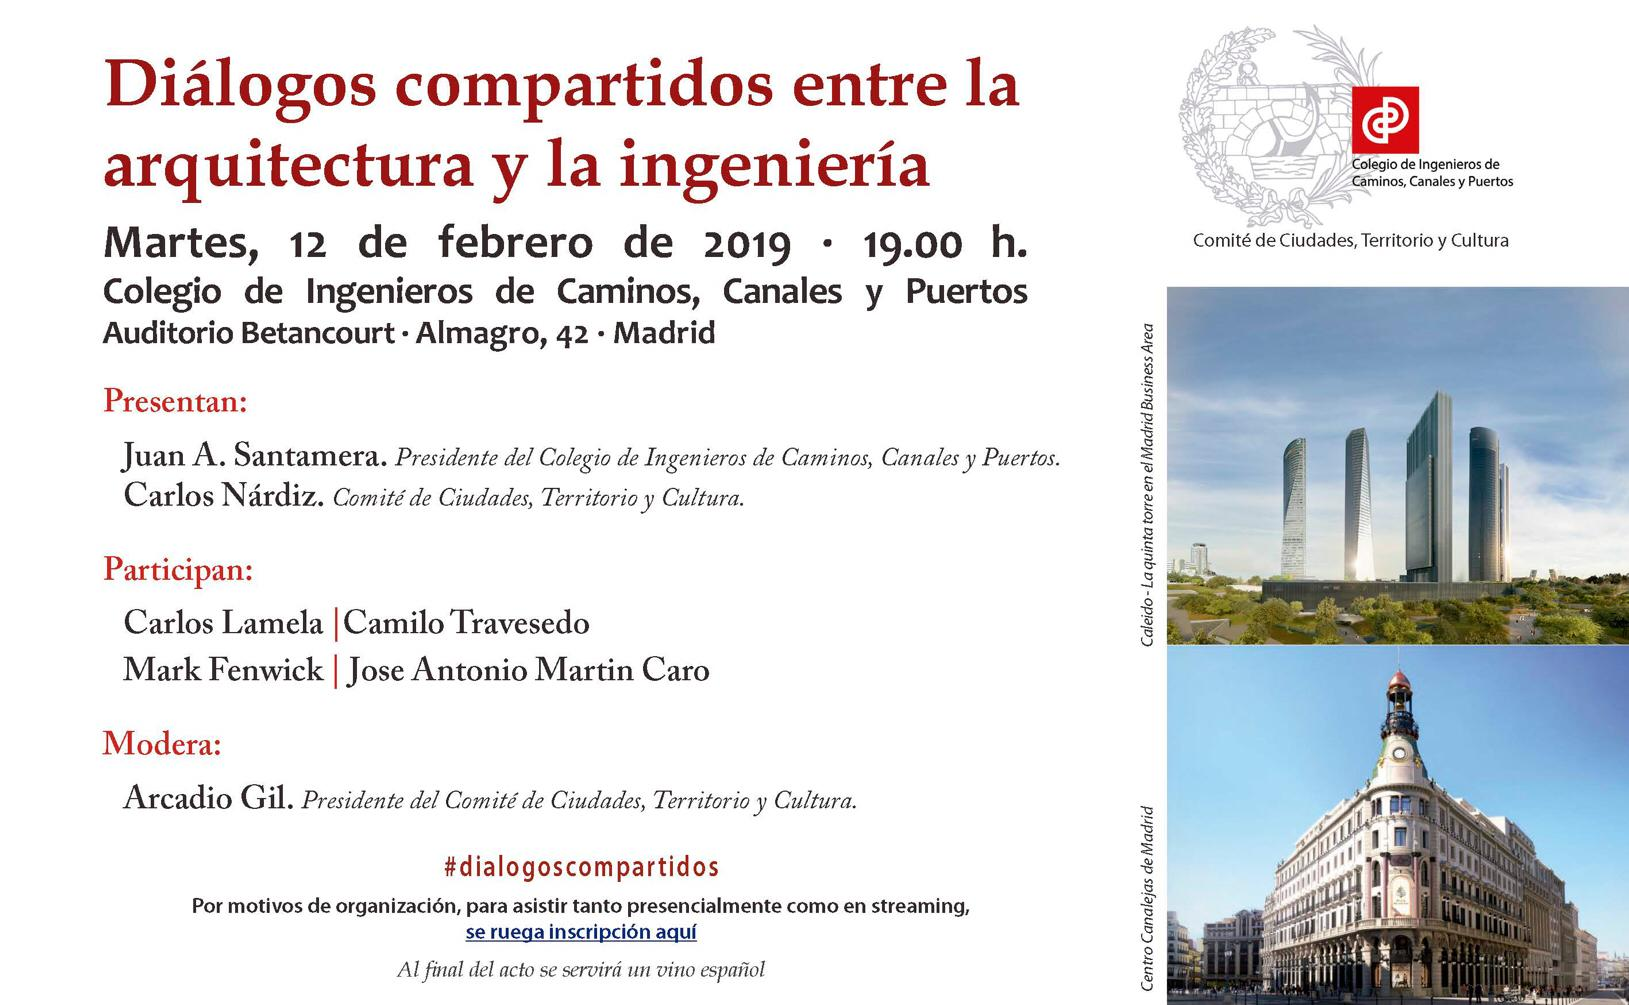 Diálogos compartidos entre la arquitectura y la ingeniería